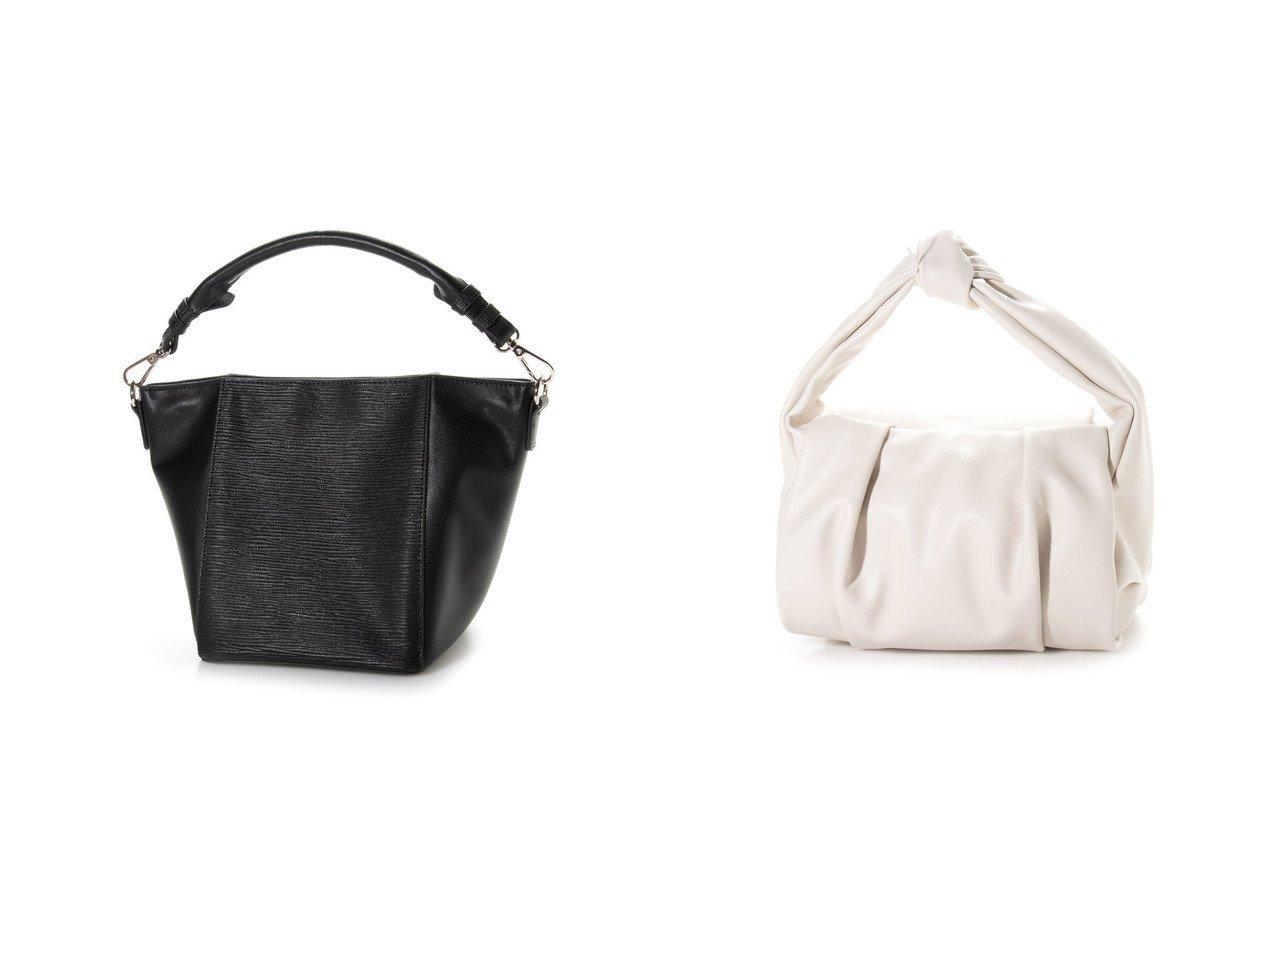 【LADYMADE/レディメイド】のレザーキューブ2WAYBAG&【cache cache/カシュカシ】のソフト合皮ラップセミショルダーバッグ バッグ・鞄のおすすめ!人気、トレンド・レディースファッションの通販  おすすめで人気の流行・トレンド、ファッションの通販商品 メンズファッション・キッズファッション・インテリア・家具・レディースファッション・服の通販 founy(ファニー) https://founy.com/ ファッション Fashion レディースファッション WOMEN バッグ Bag ショルダー 財布 マグネット A/W 秋冬 AW Autumn/Winter / FW Fall-Winter 2020年 2020 2020-2021 秋冬 A/W AW Autumn/Winter / FW Fall-Winter 2020-2021 春 Spring カラフル ギャザー ハンド フェミニン ポーチ ミックス モチーフ 2021年 2021 S/S 春夏 SS Spring/Summer 2021 春夏 S/S SS Spring/Summer 2021 |ID:crp329100000015642